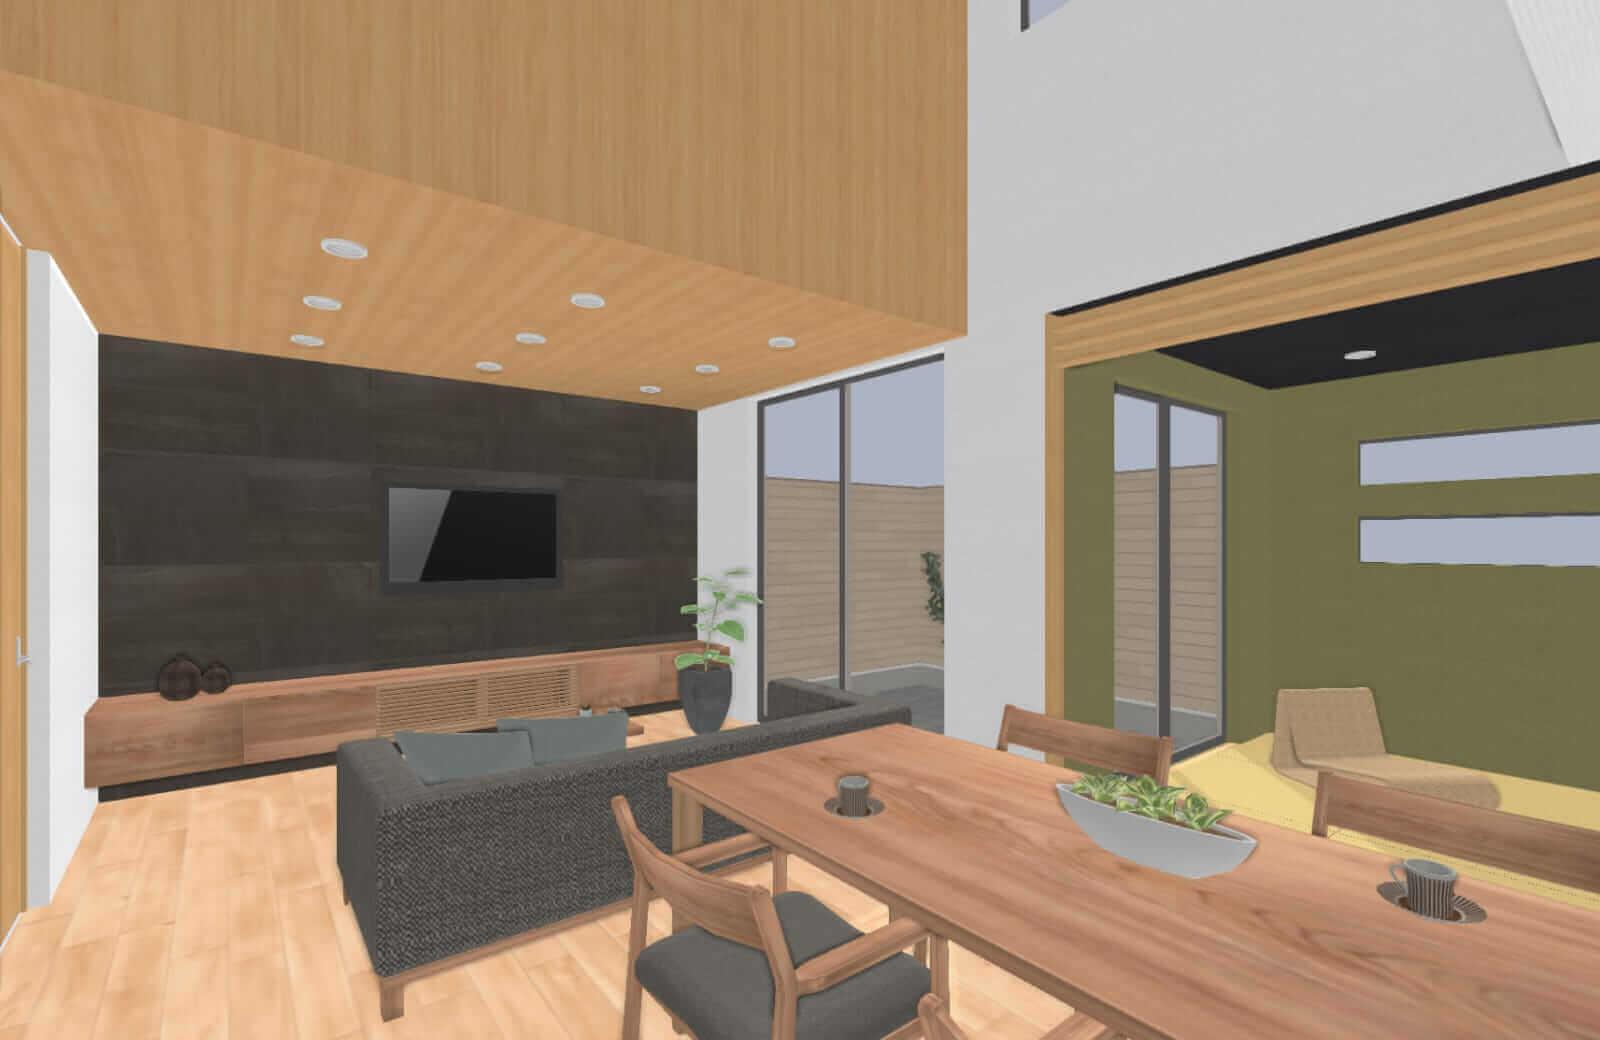 3Dによる家のデモ画像